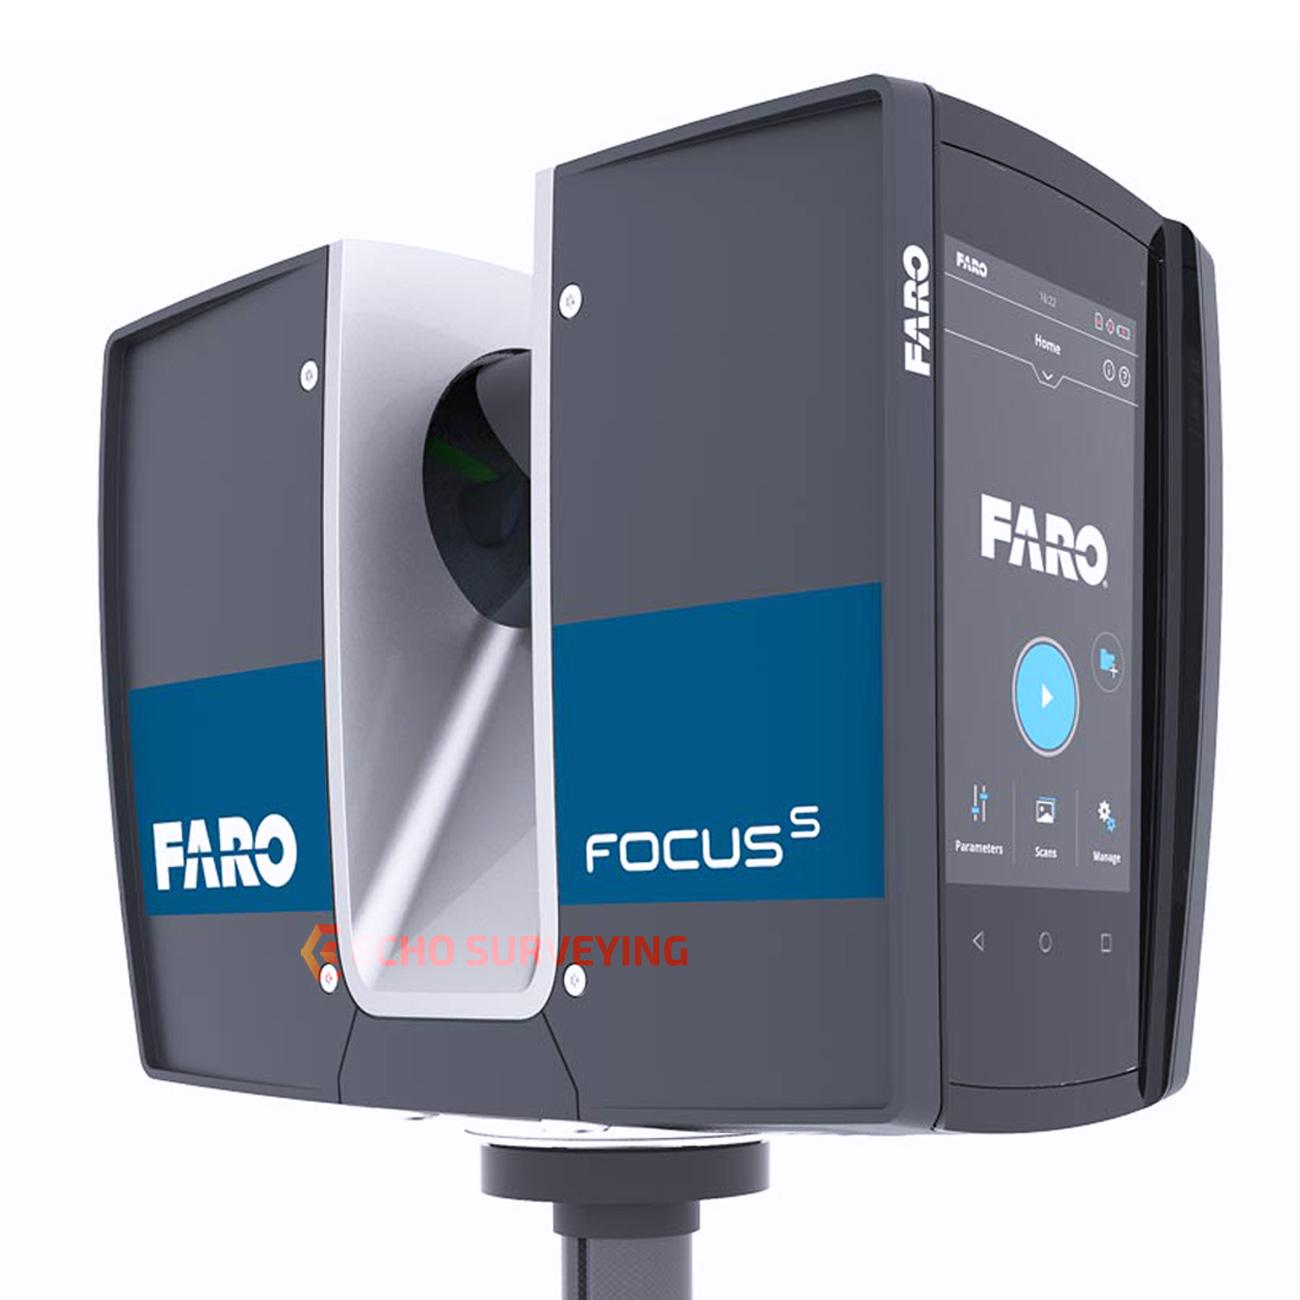 Faro-Focus-S150-Laser-Scanner.jpg